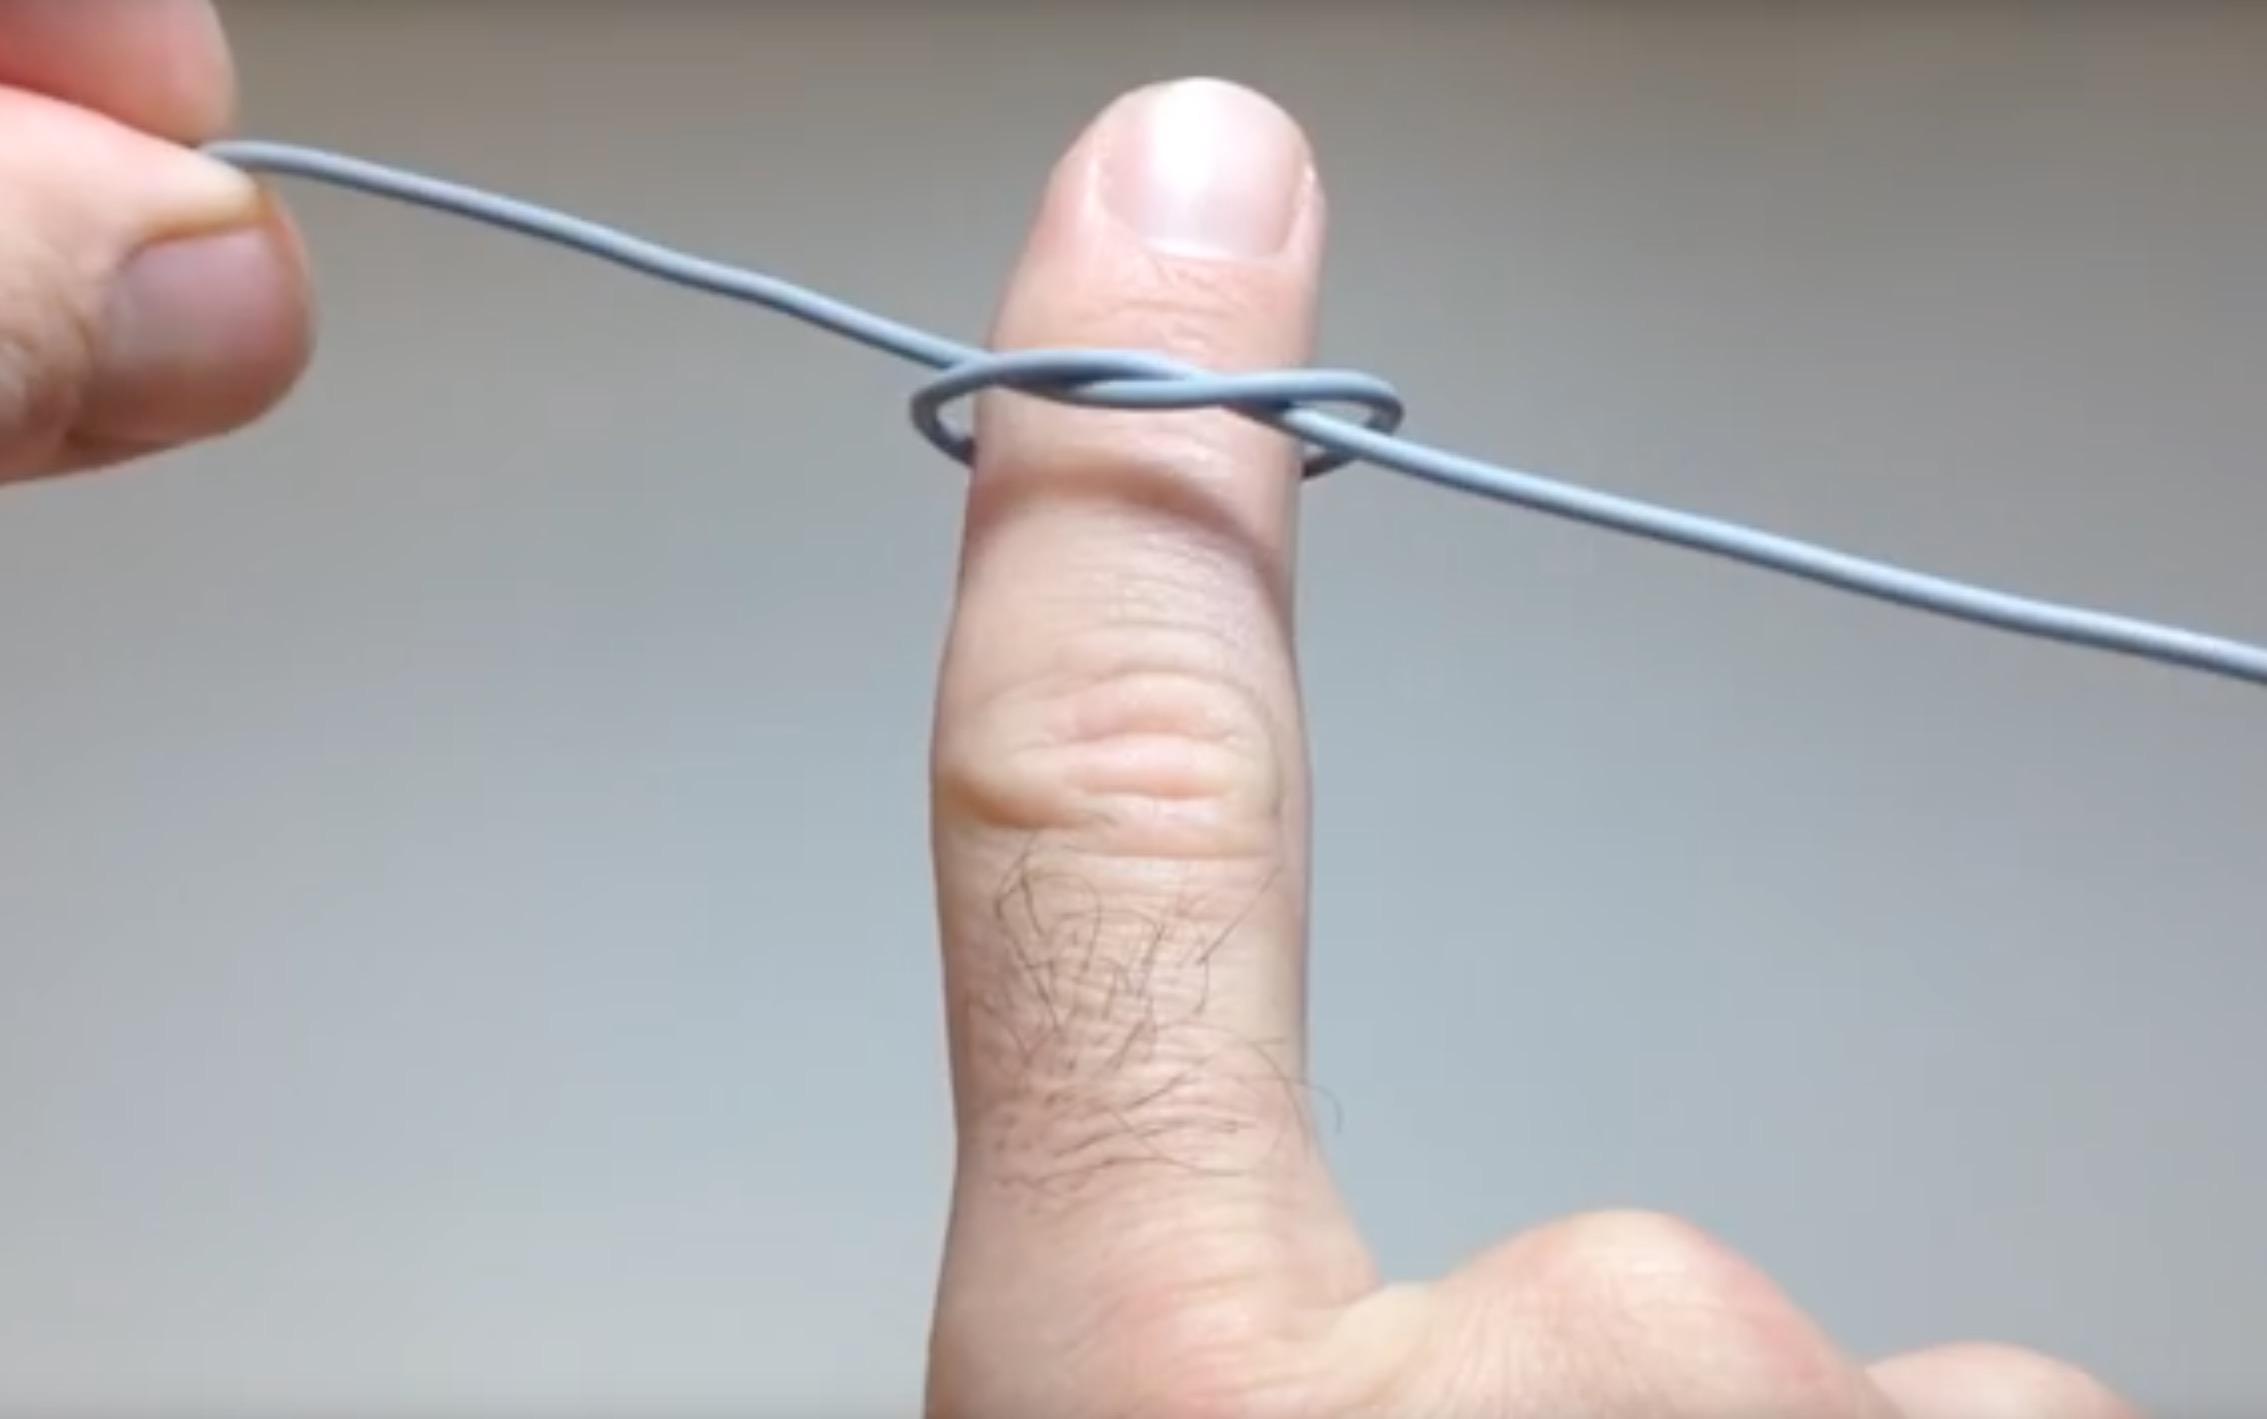 Sculptable Filament Coming Soon